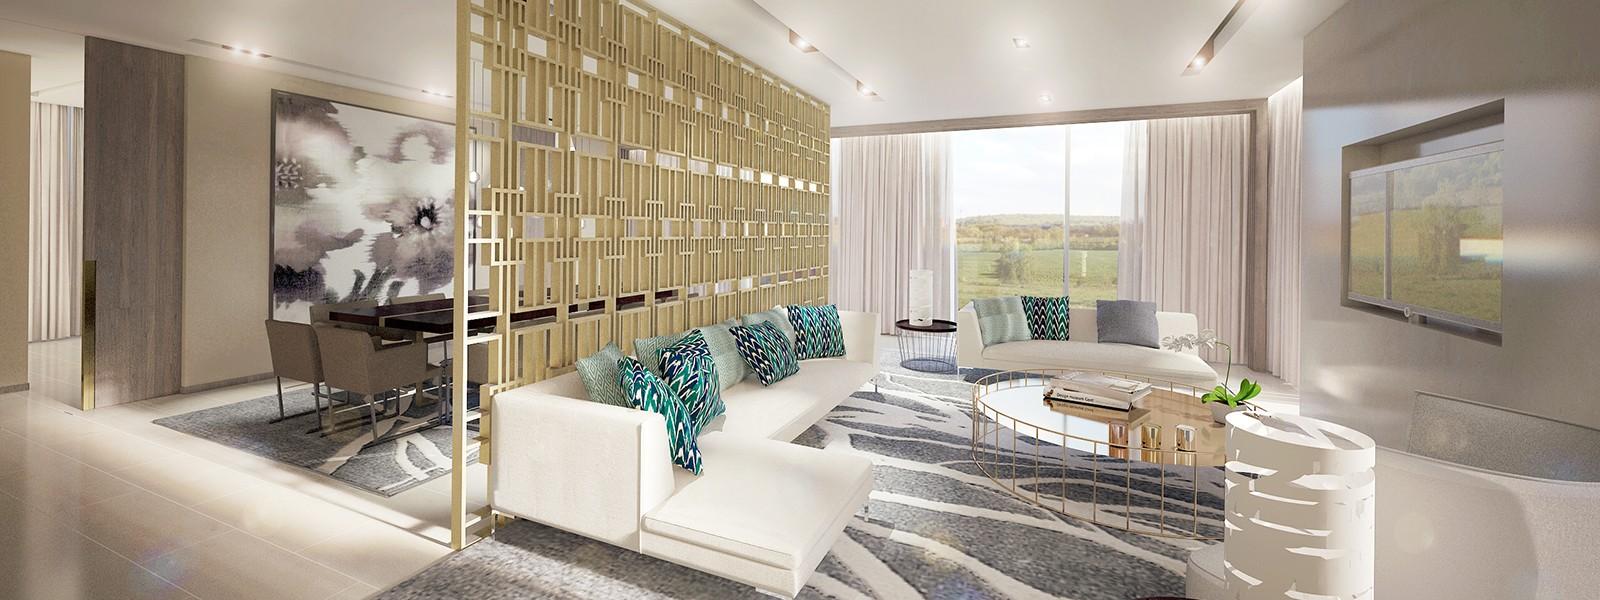 Sneha Divias Atelier - Jumeira Golf Estates Villa I